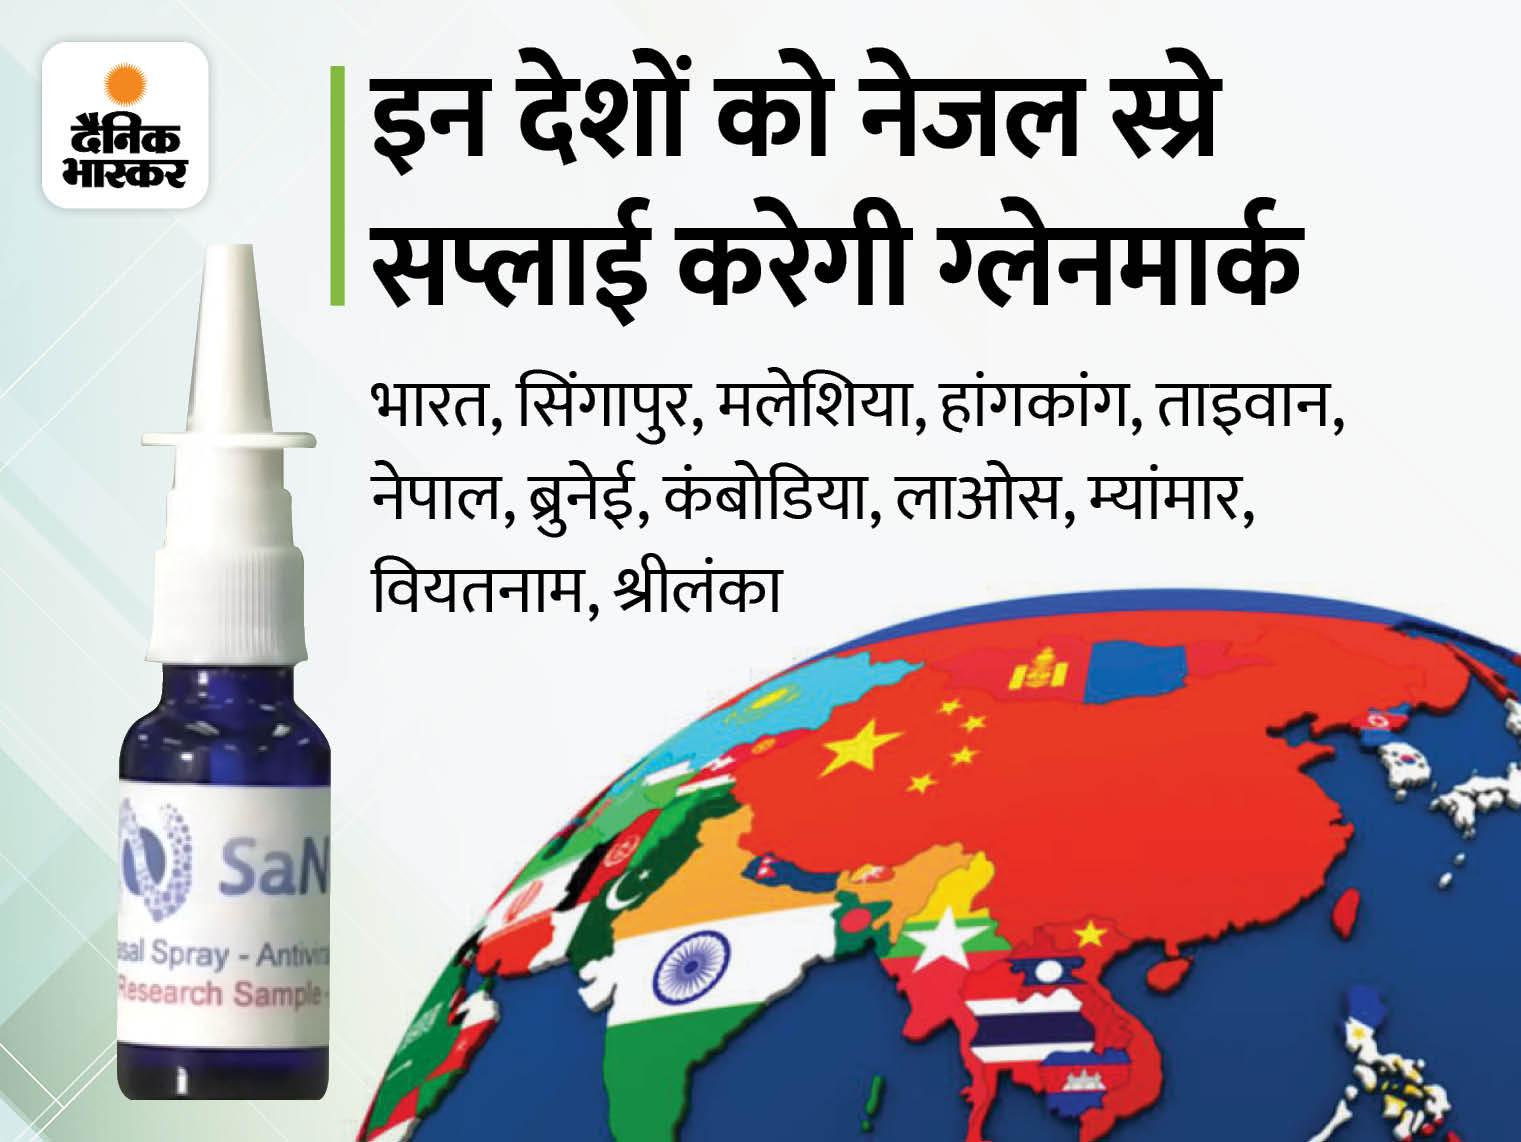 कनाडा की सैनोटाइज ने भारत की ग्लेनमार्क के साथ करार किया, 12 देशों में स्प्रे सप्लाई करेगी कंपनी|देश,National - Dainik Bhaskar